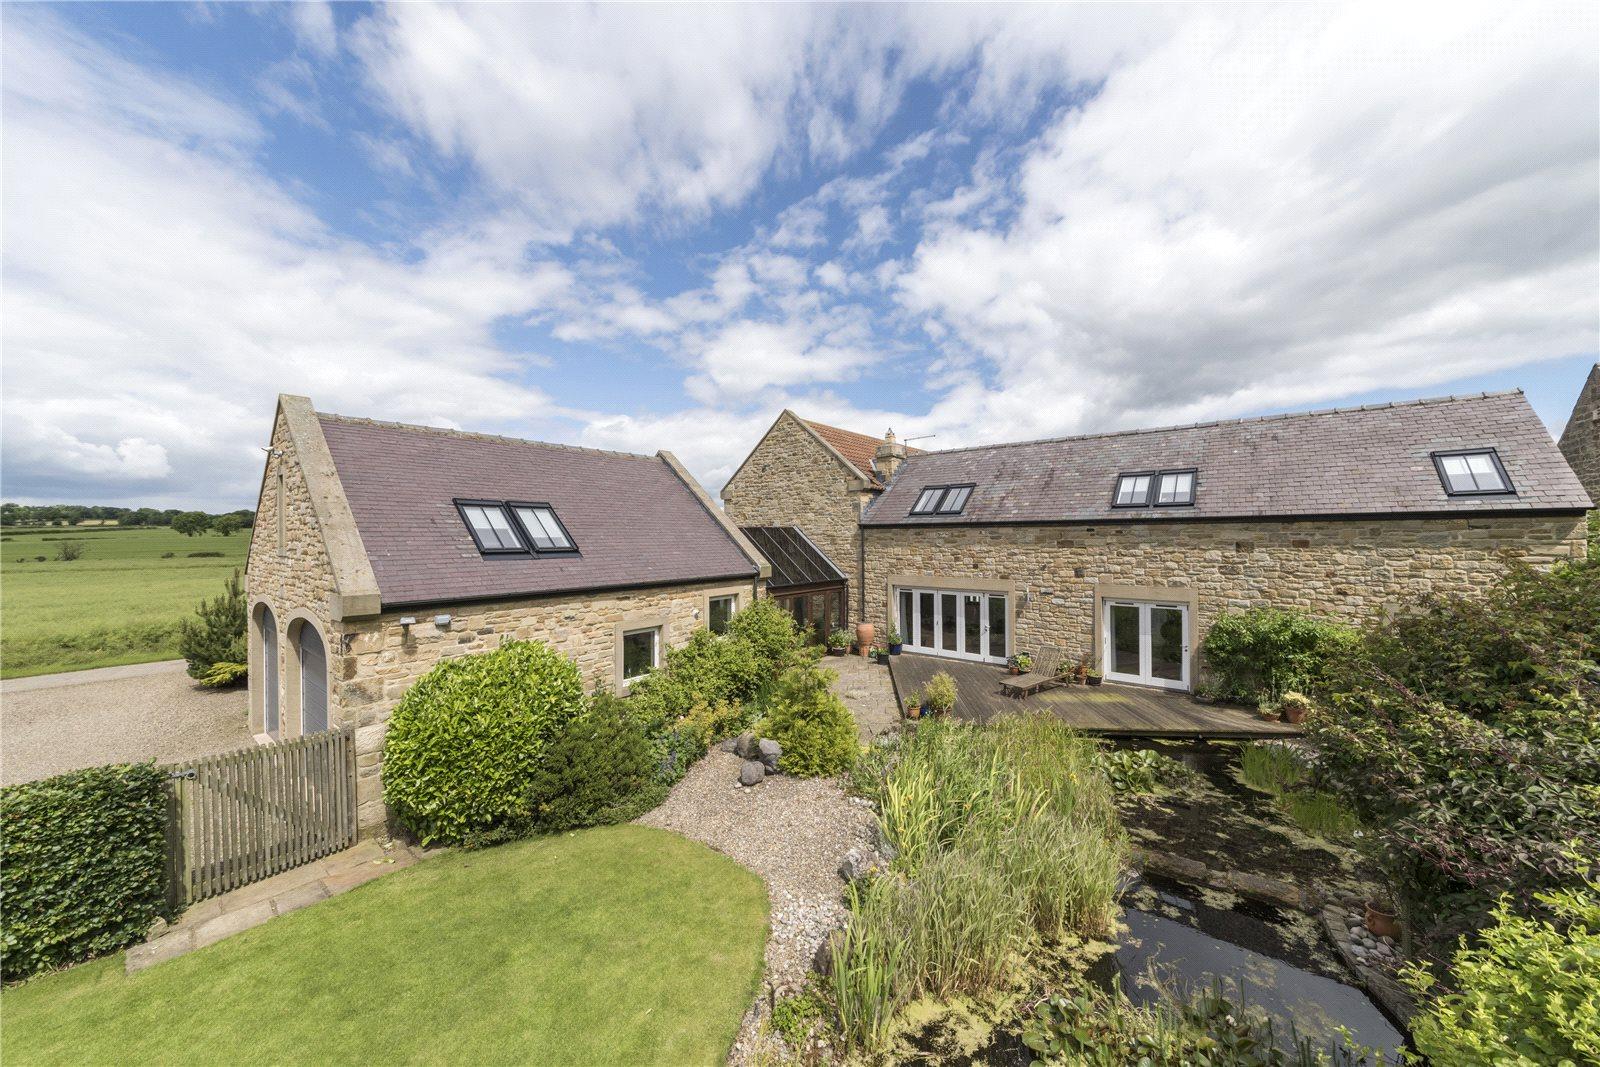 Частный дом для того Продажа на Whalton, Morpeth, Northumberland, NE61 Morpeth, Англия